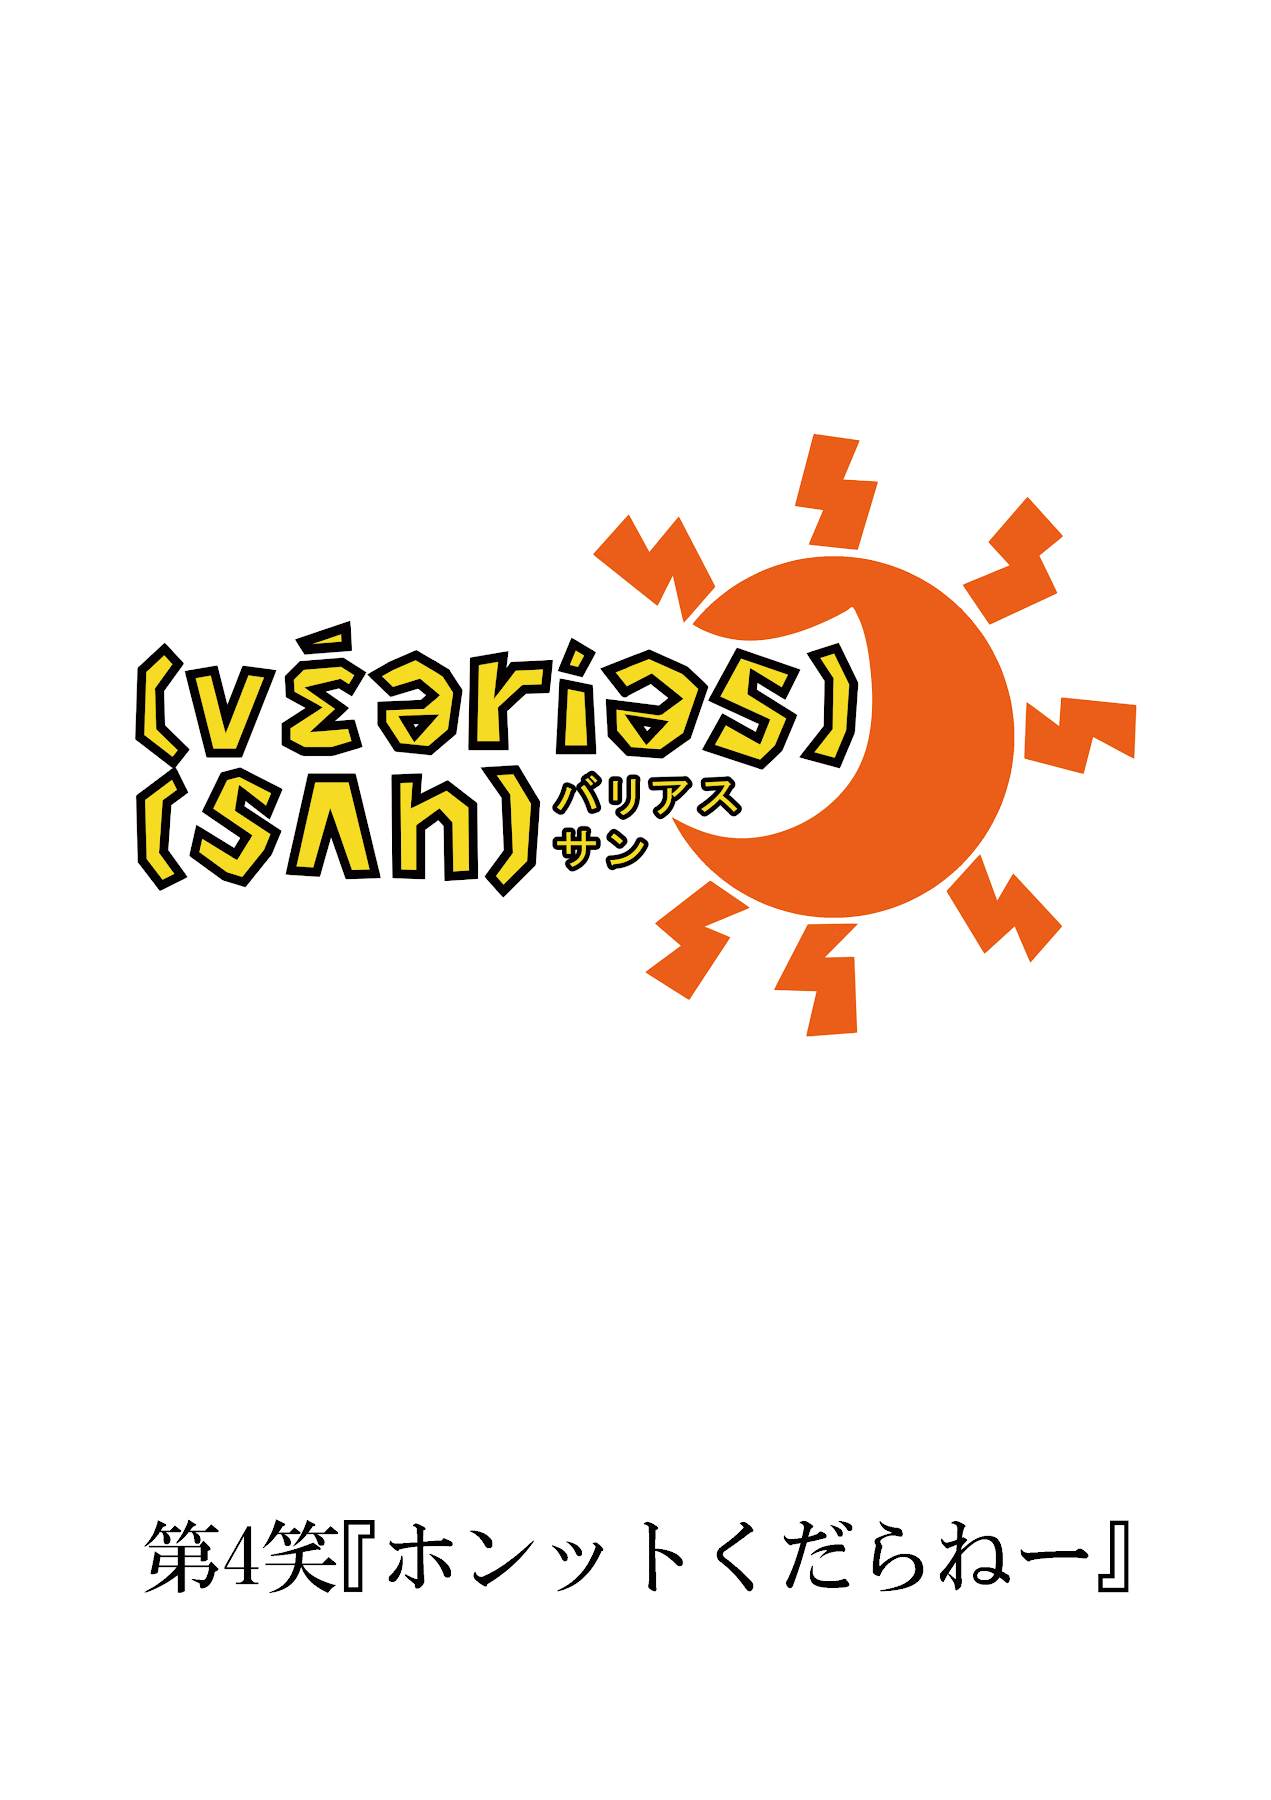 バリアス・サン4_1